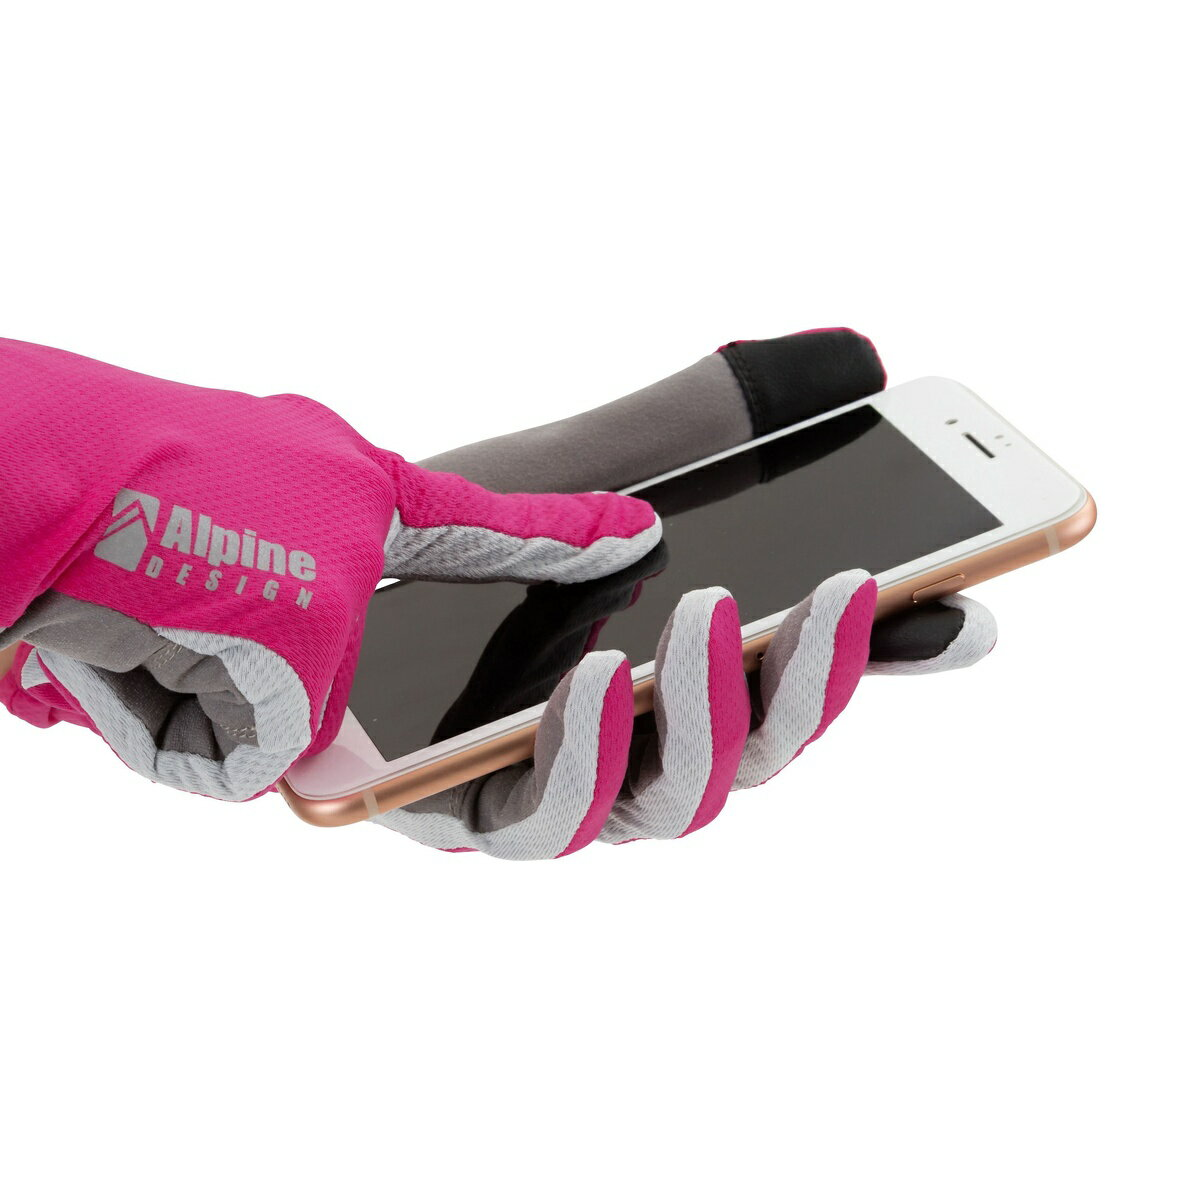 Alpine DESIGN (アルパインデザイン) トレッキング アウトドア トレッキングアパレルアクセサリー レディース トレッキング フィールド グローブ レディース ピンク AD-Y18-401-009 PNK